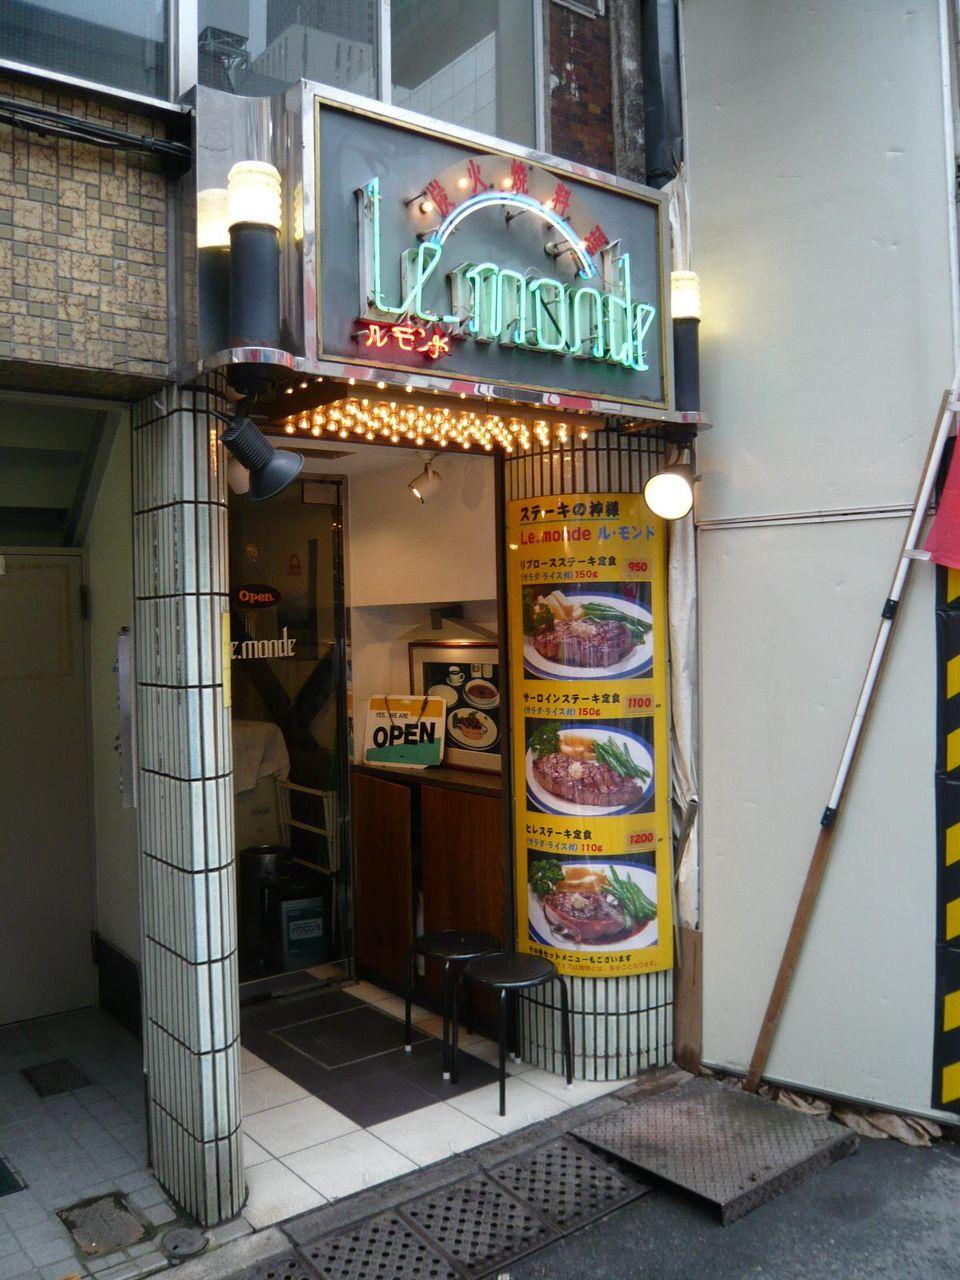 手頃な価格でステーキを食べられるお店です。